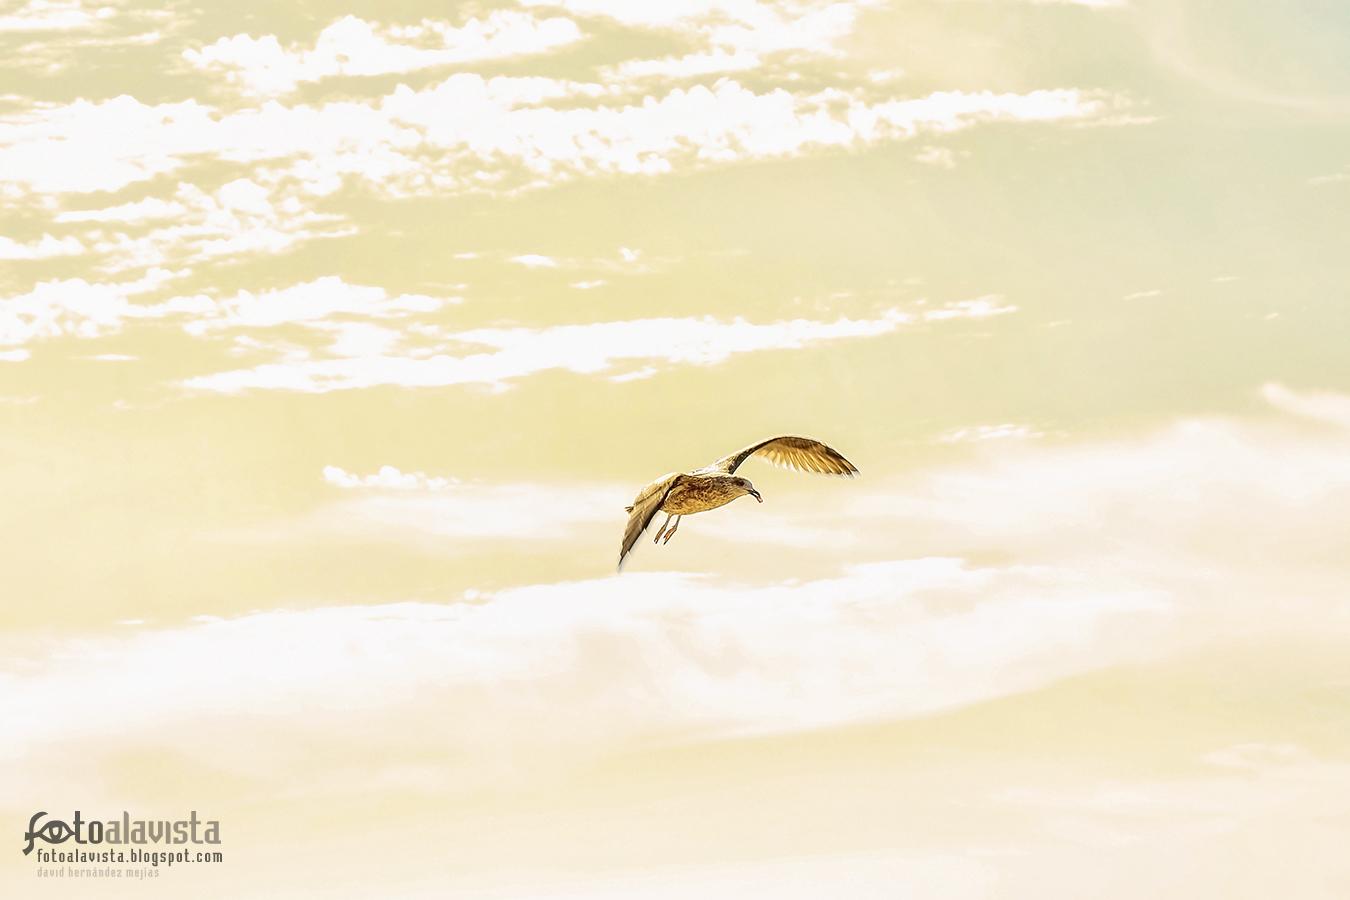 Volando libre en un mar de nubes - Fotografía artística